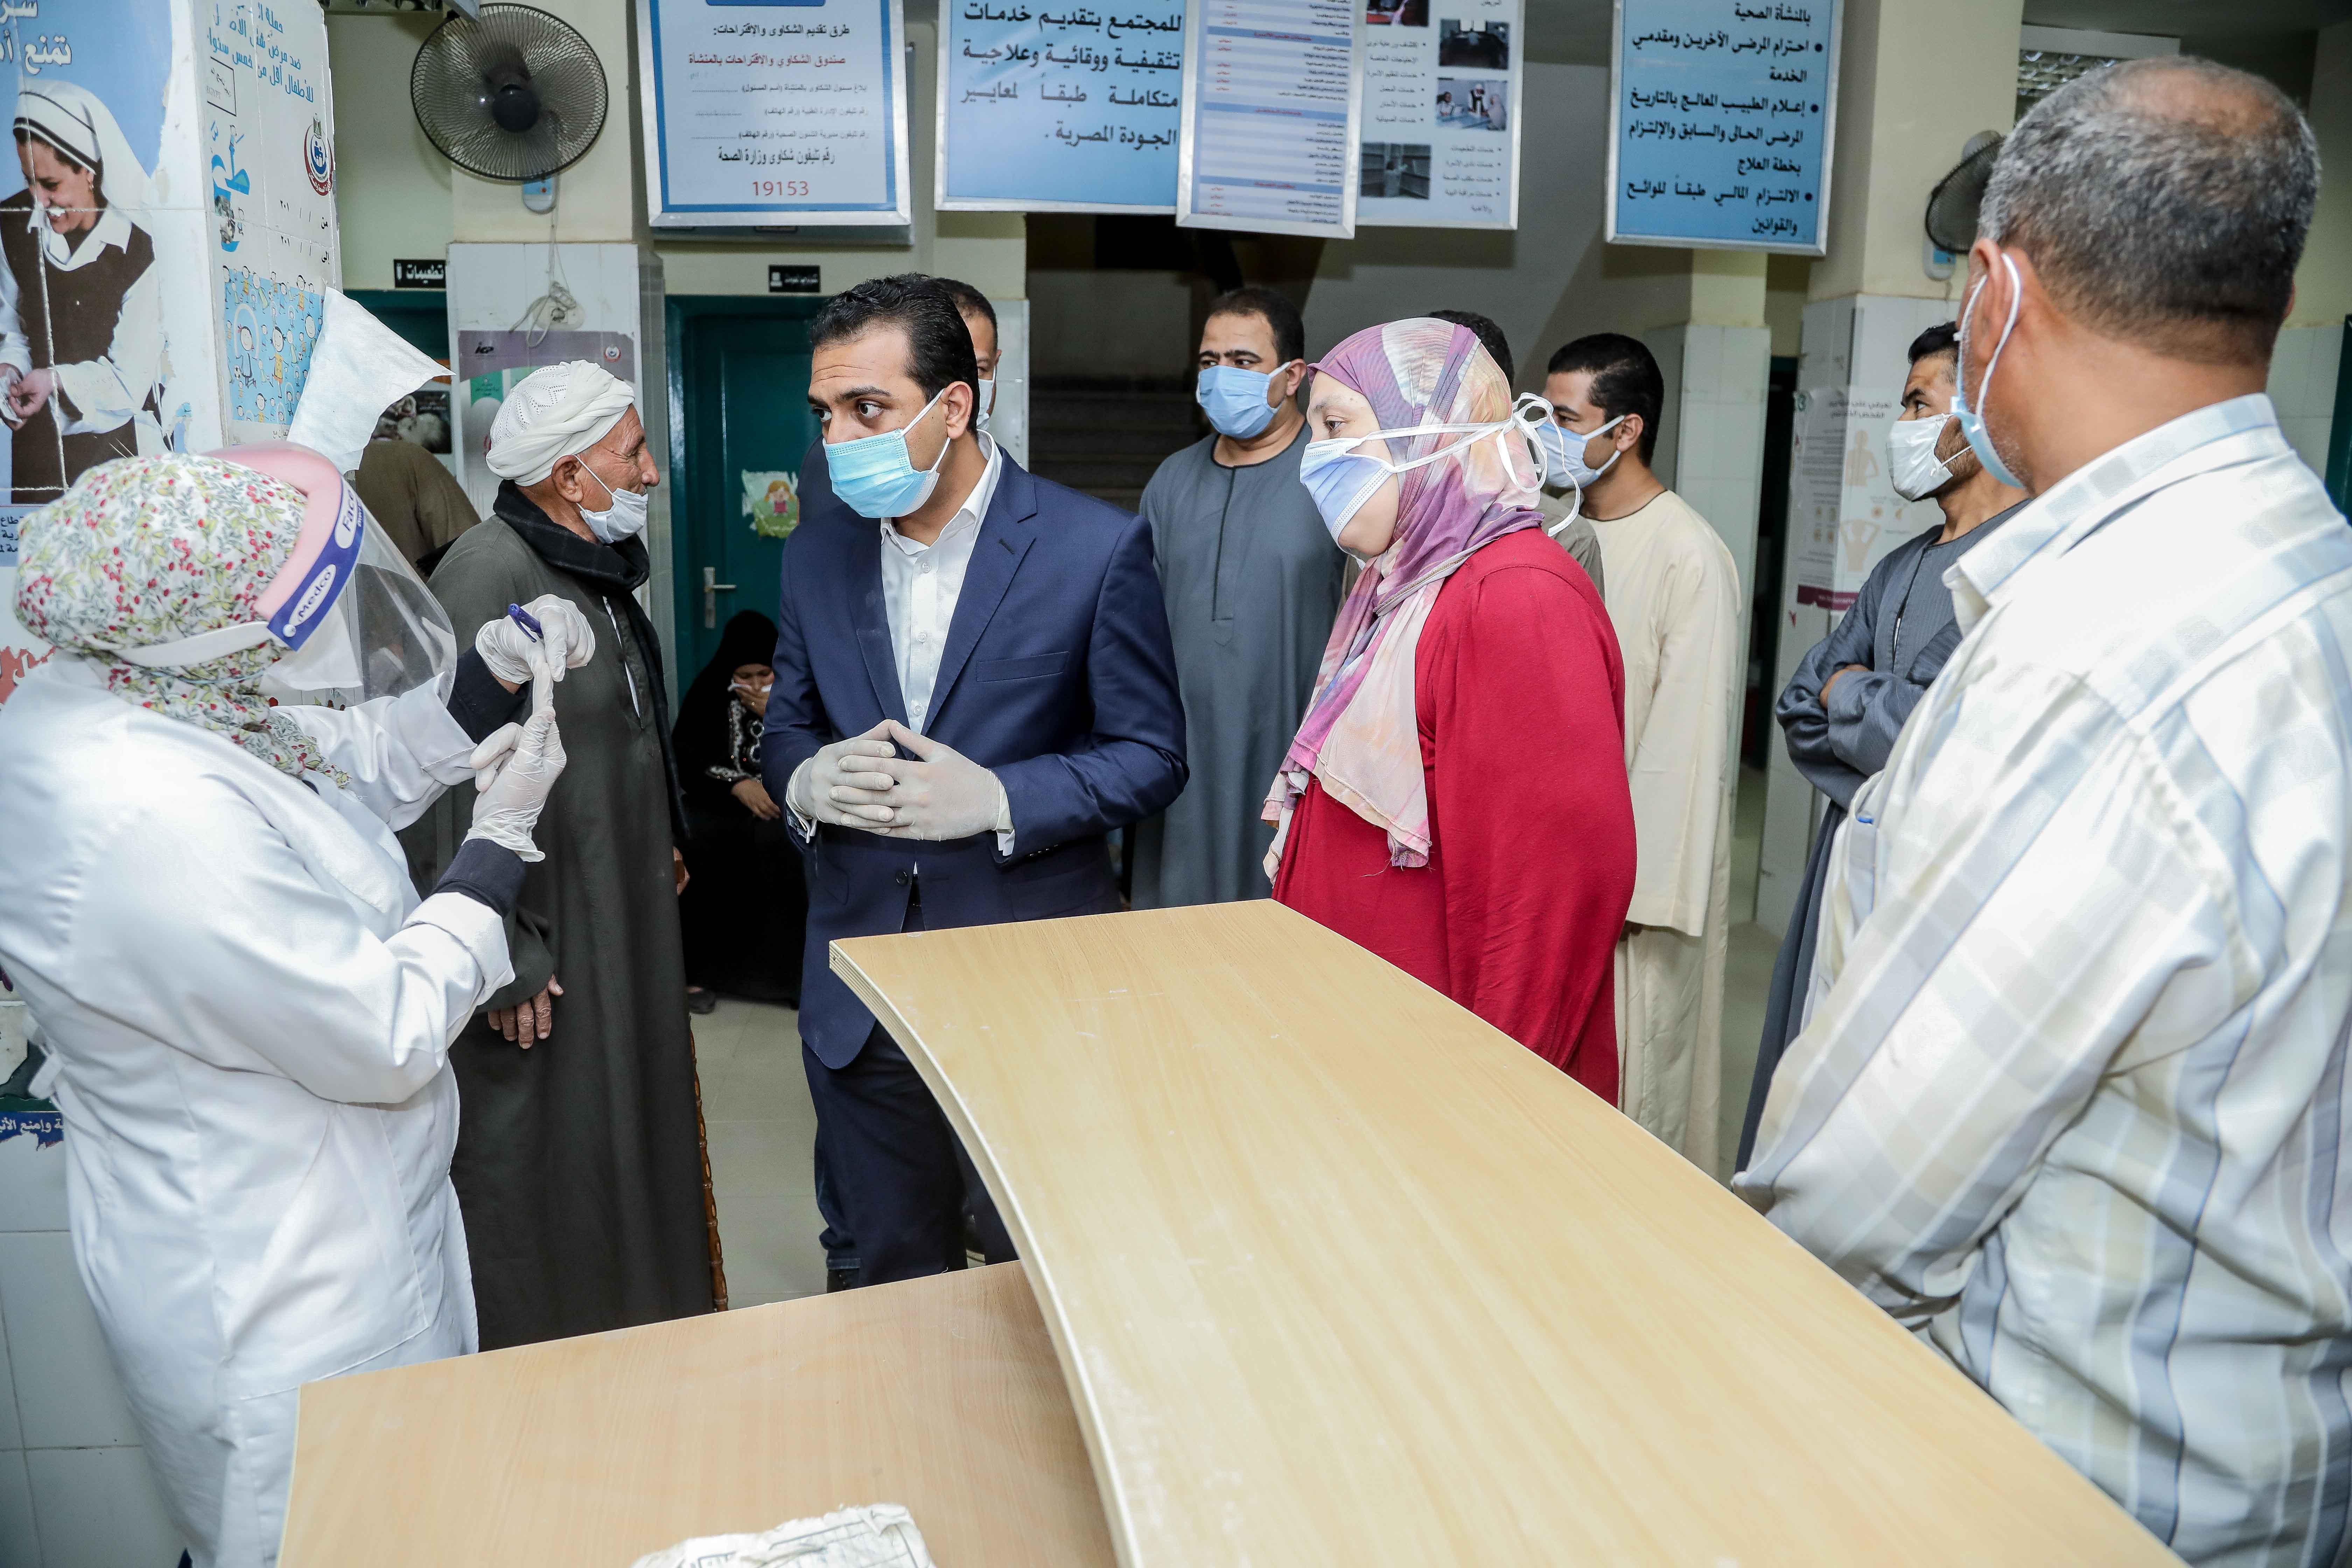 نائب محافظ قنا يزور مستشفيات العزل الصحى (15)